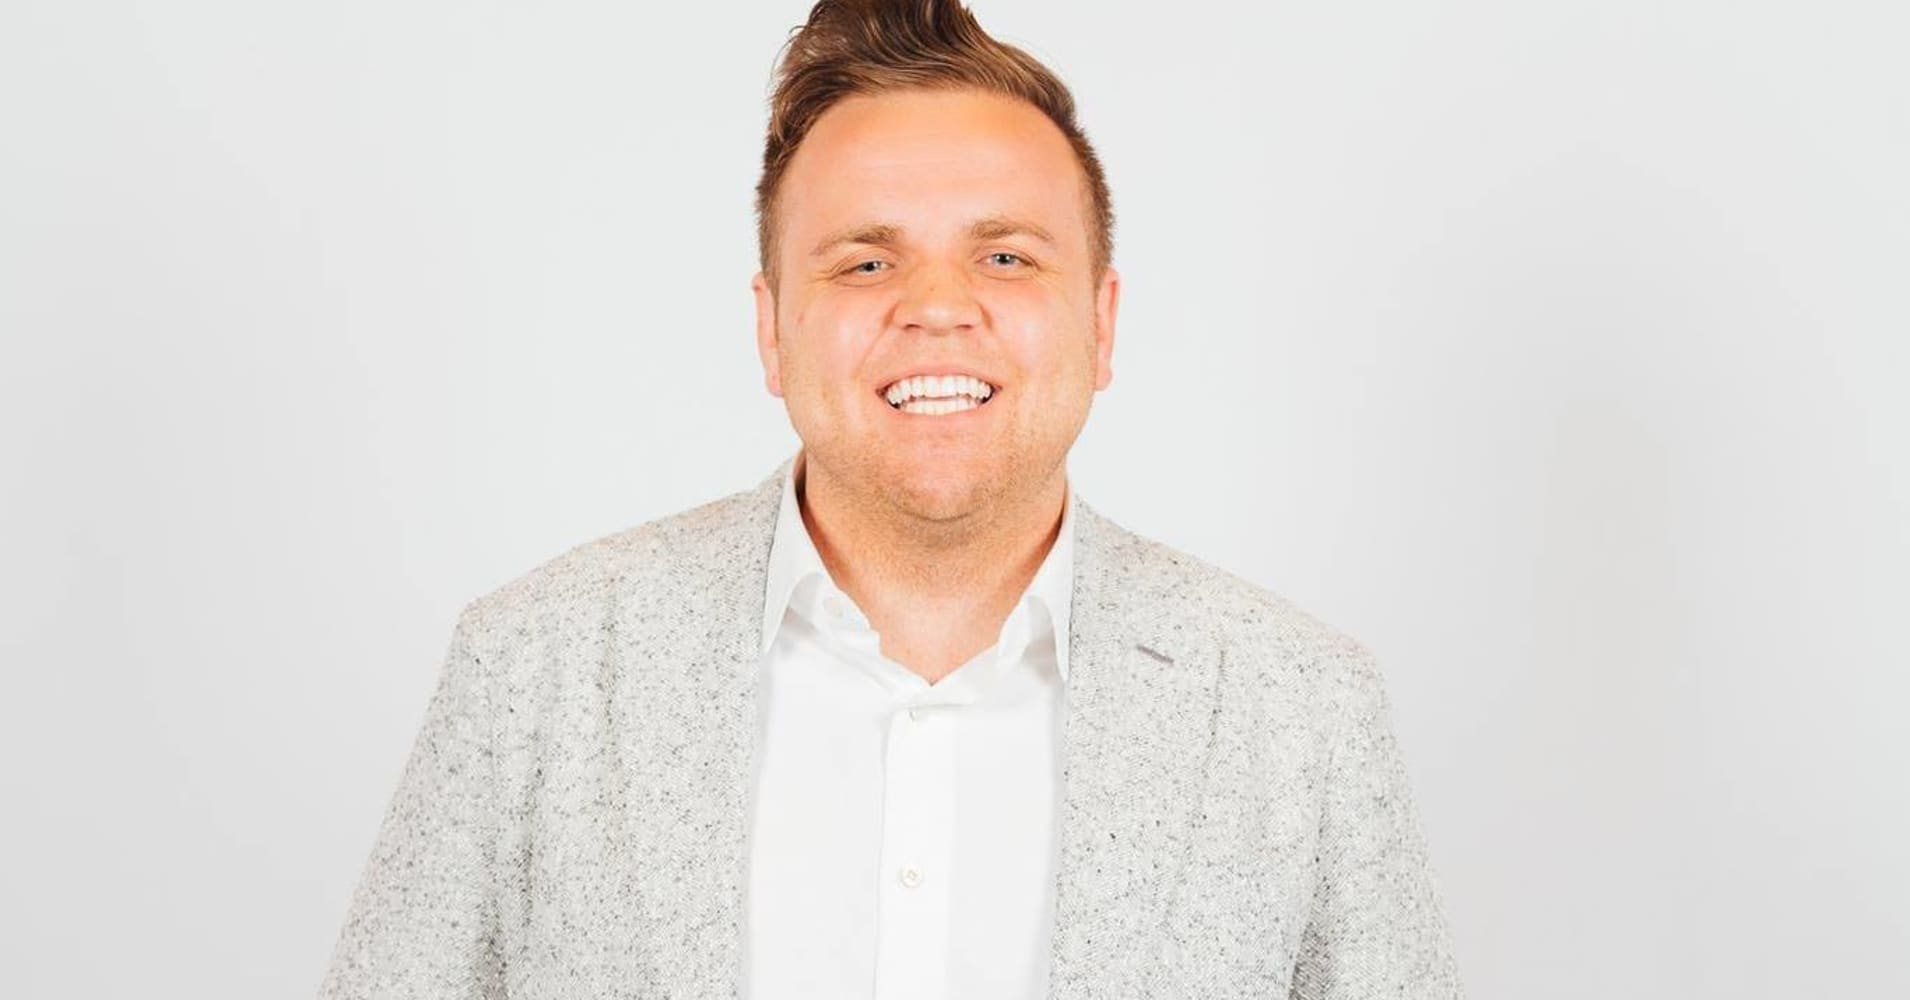 Jeremy Adams, co-founder of Unicorn Innovations